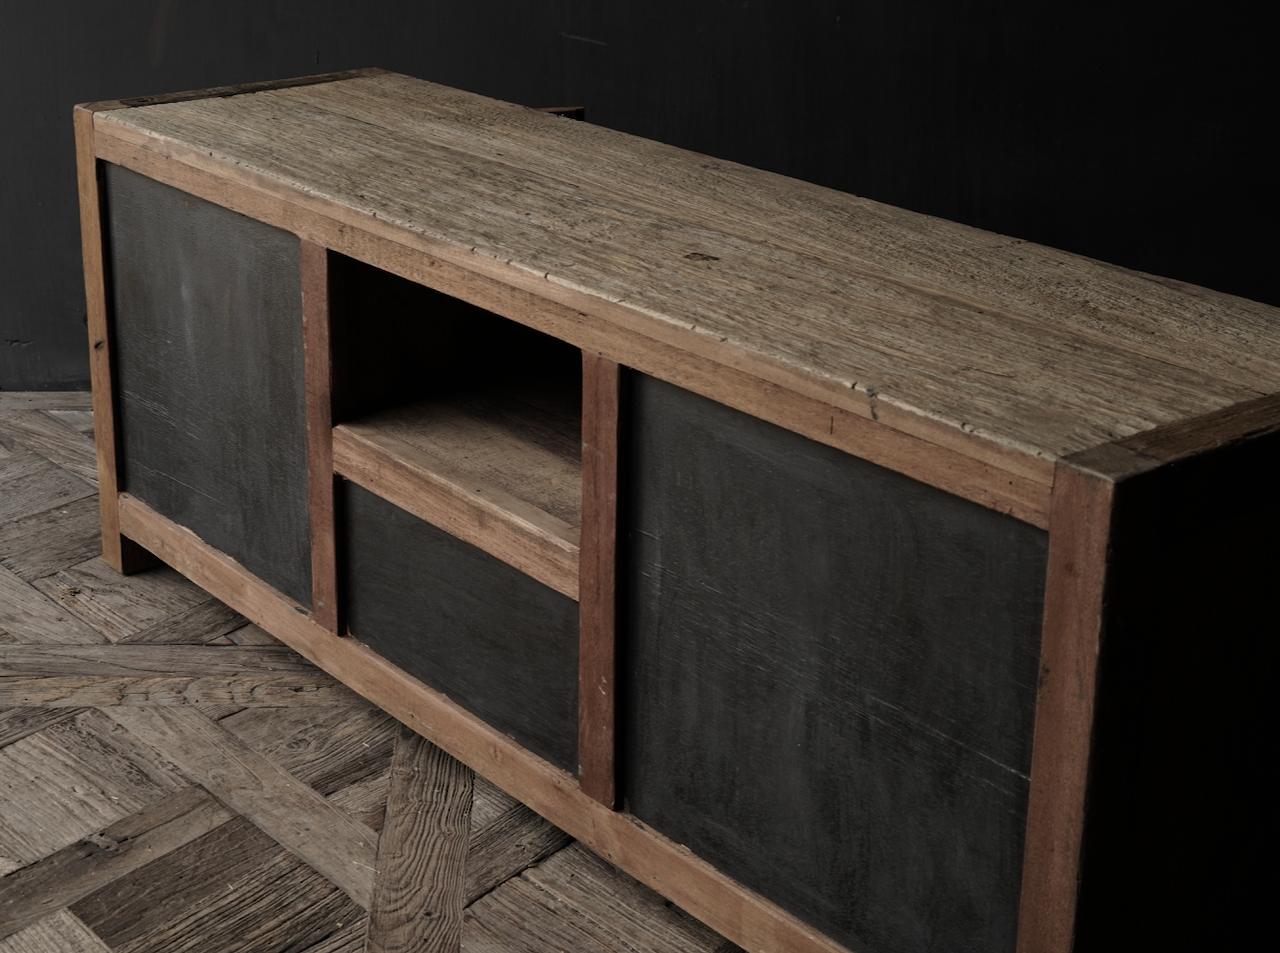 TV-Möbel / Sideboard aus altem, robustem Holz-7